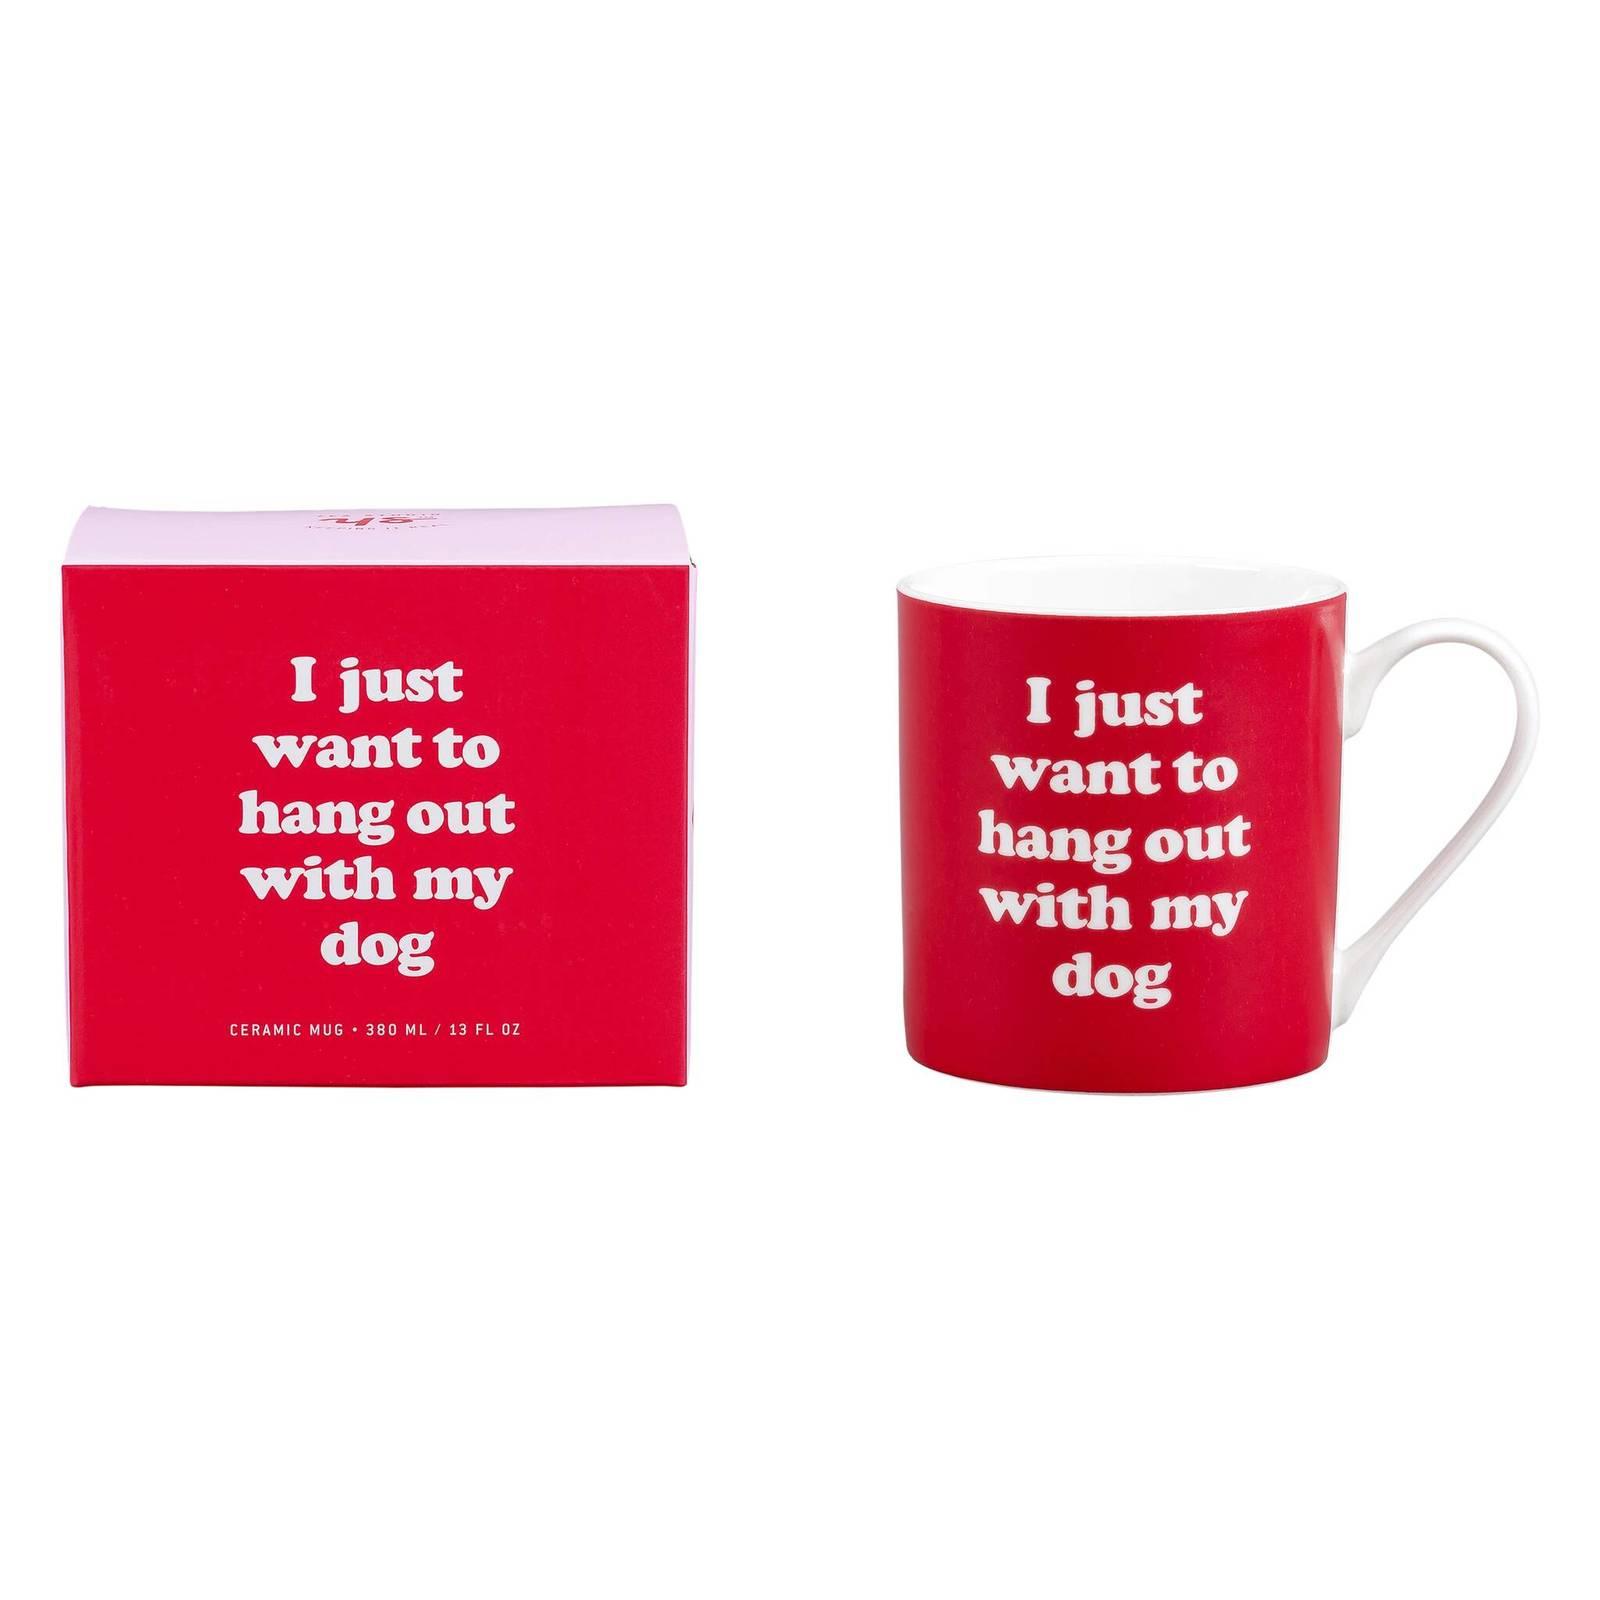 Yes Studio: Ceramic Mug - Dog image